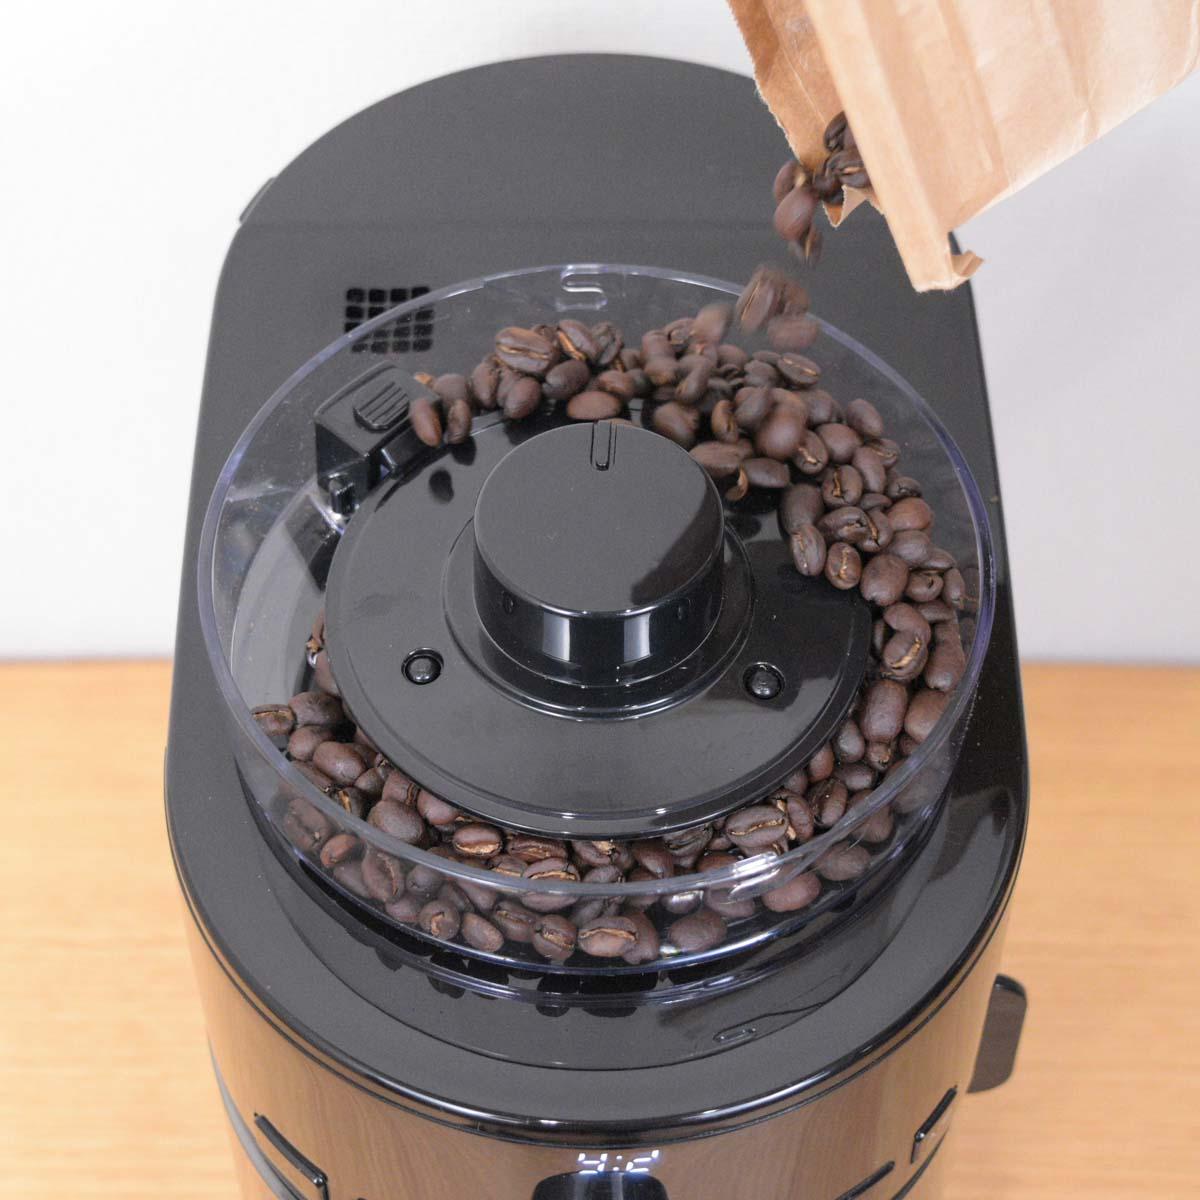 《2020年》いつでも挽き立て! おすすめ全自動コーヒーメーカー11選